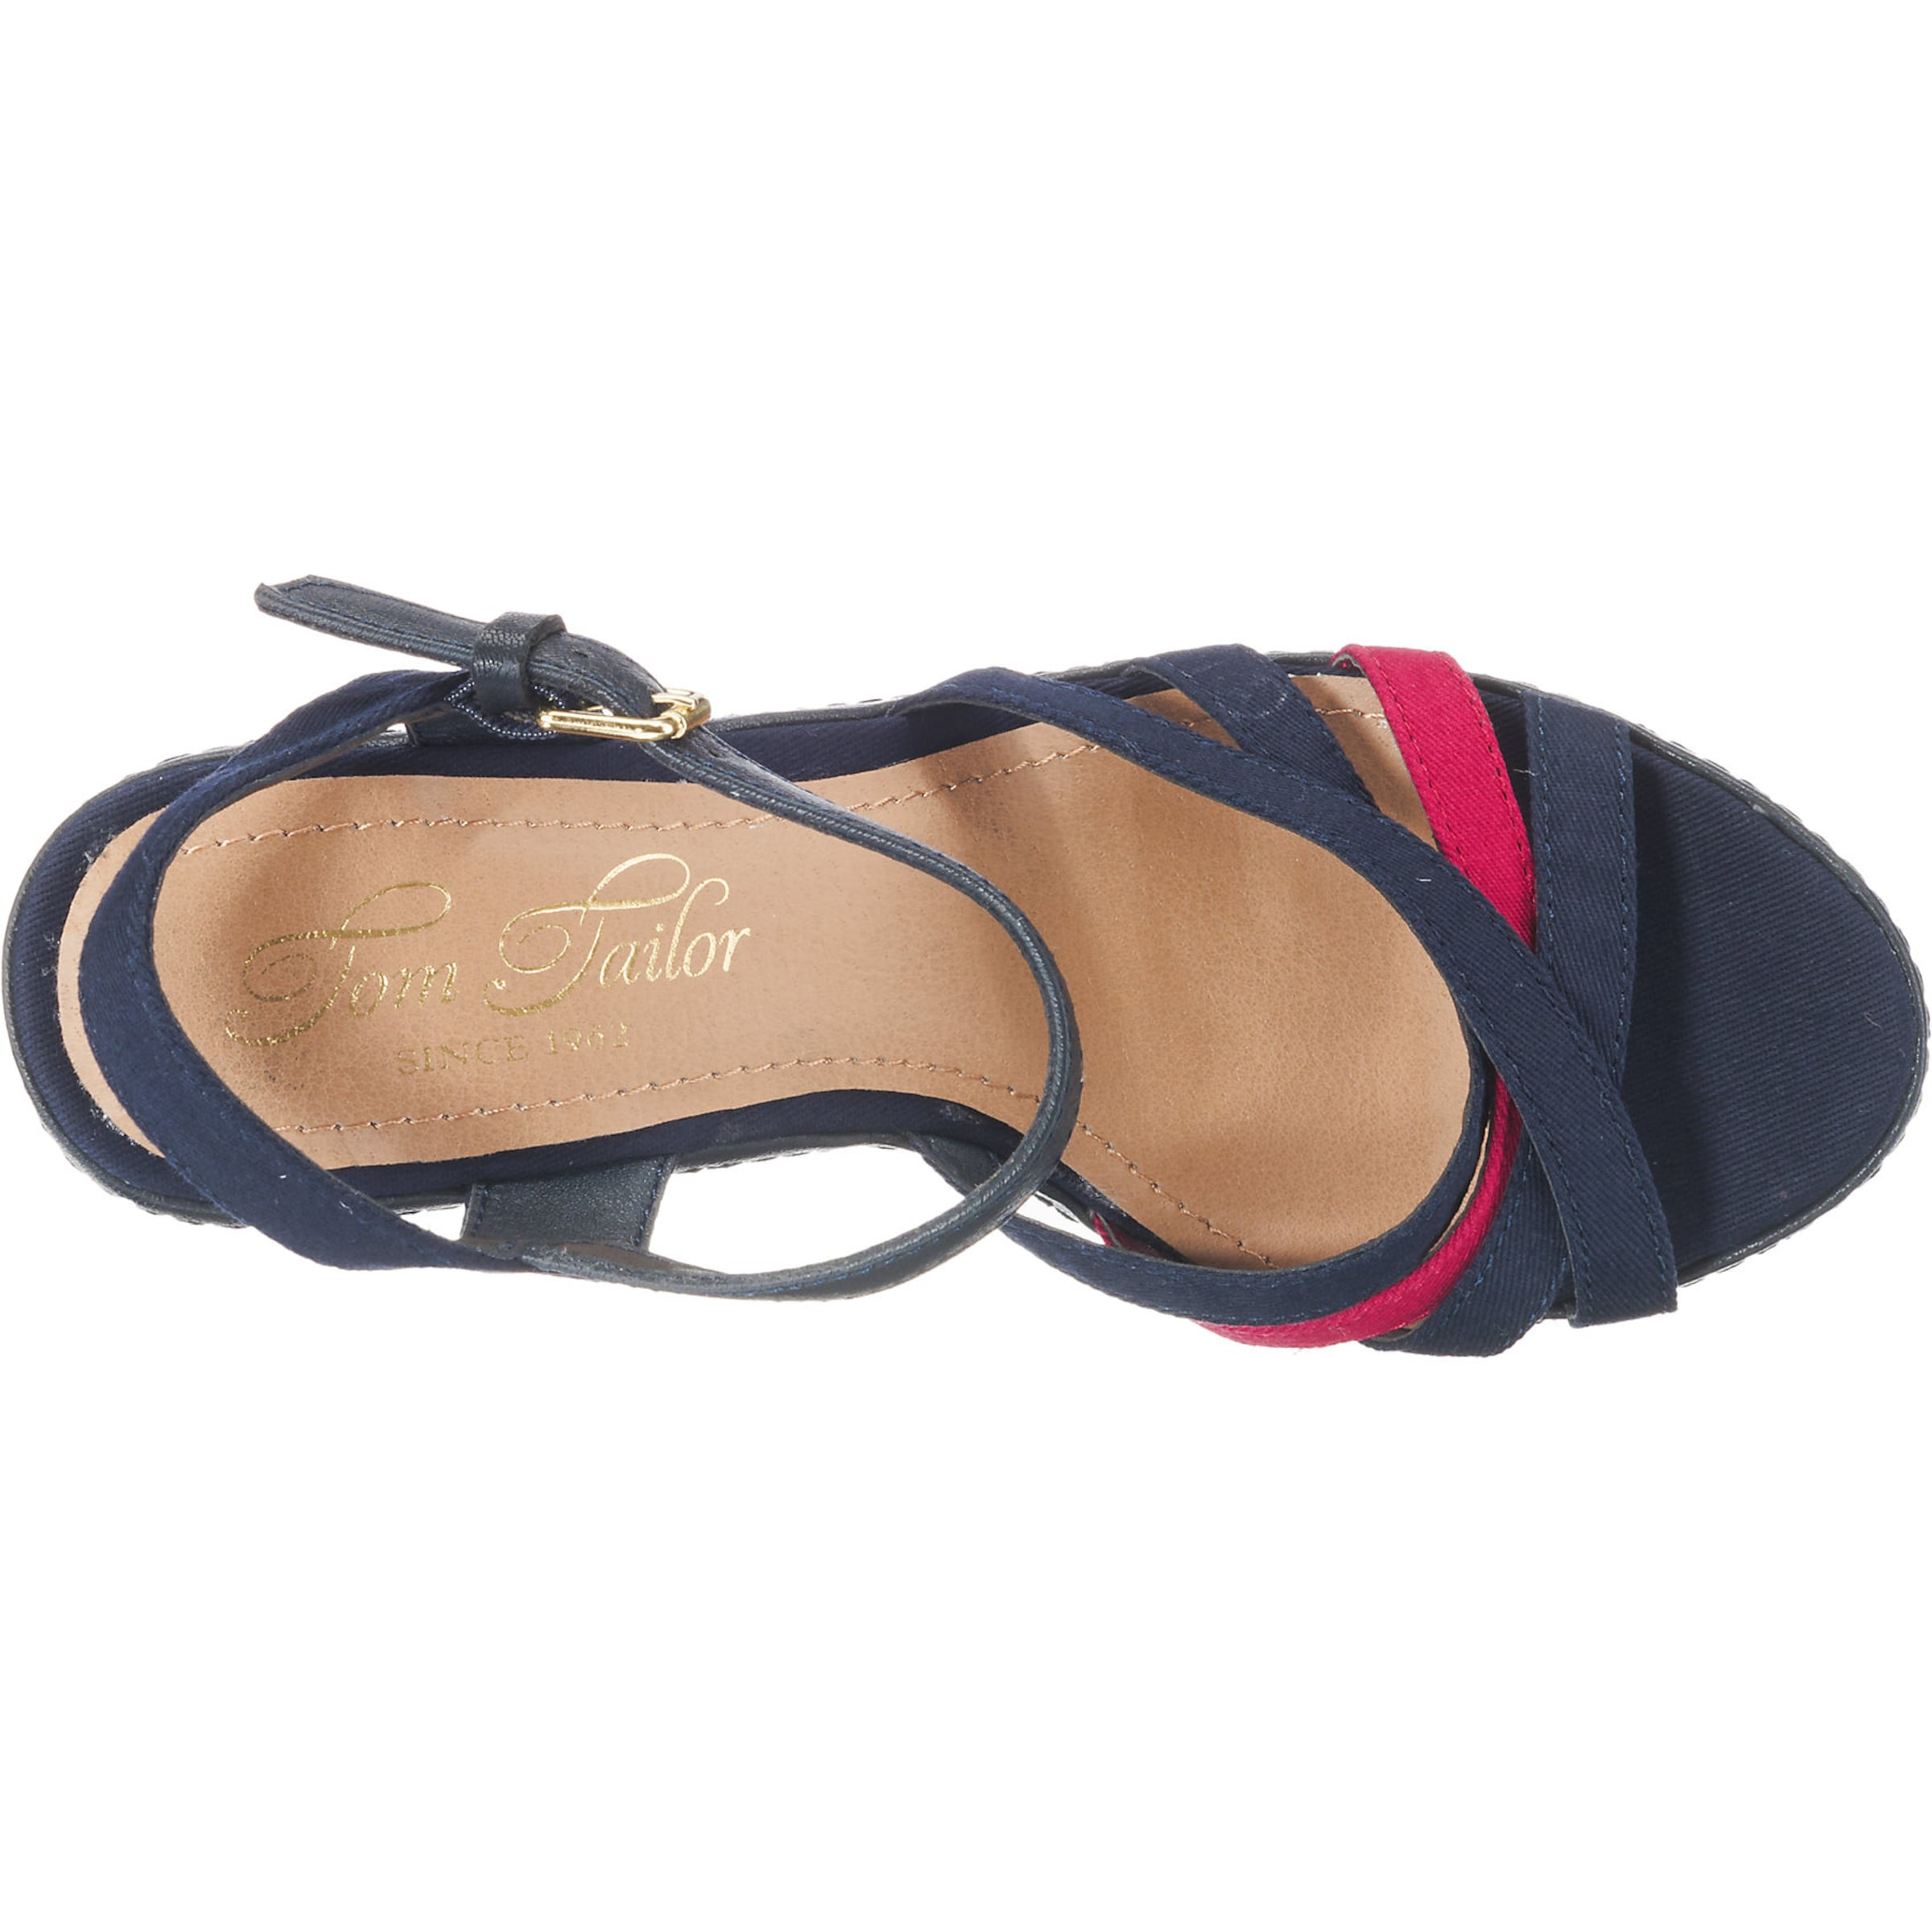 Sandaletten Tailor NavyRot In Tom 3Tl1FJKc